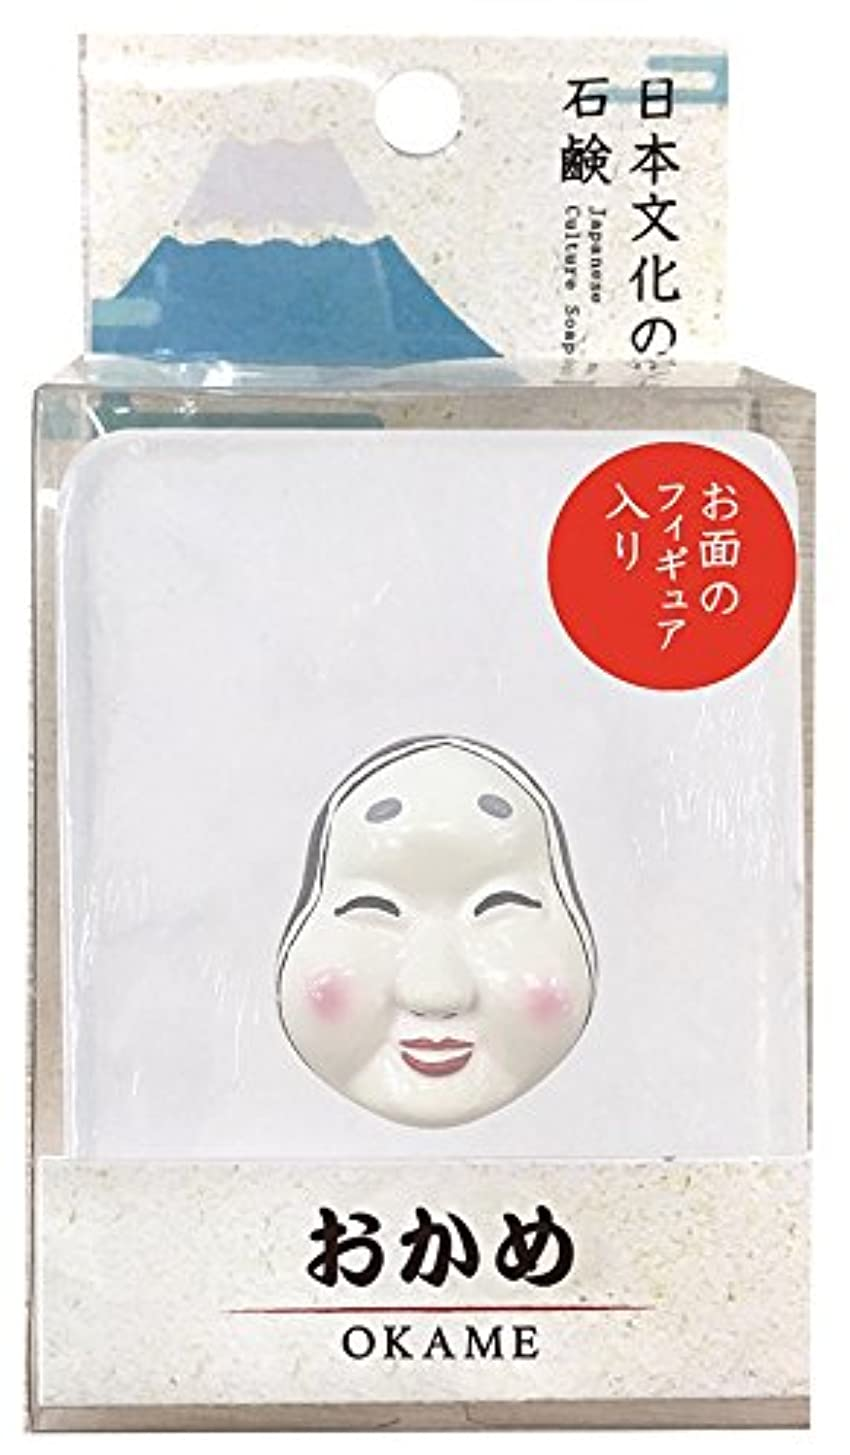 追い出す警官後悔ノルコーポレーション 石鹸 日本文化の石鹸 おかめ 140g フィギュア付き OB-JCP-1-4